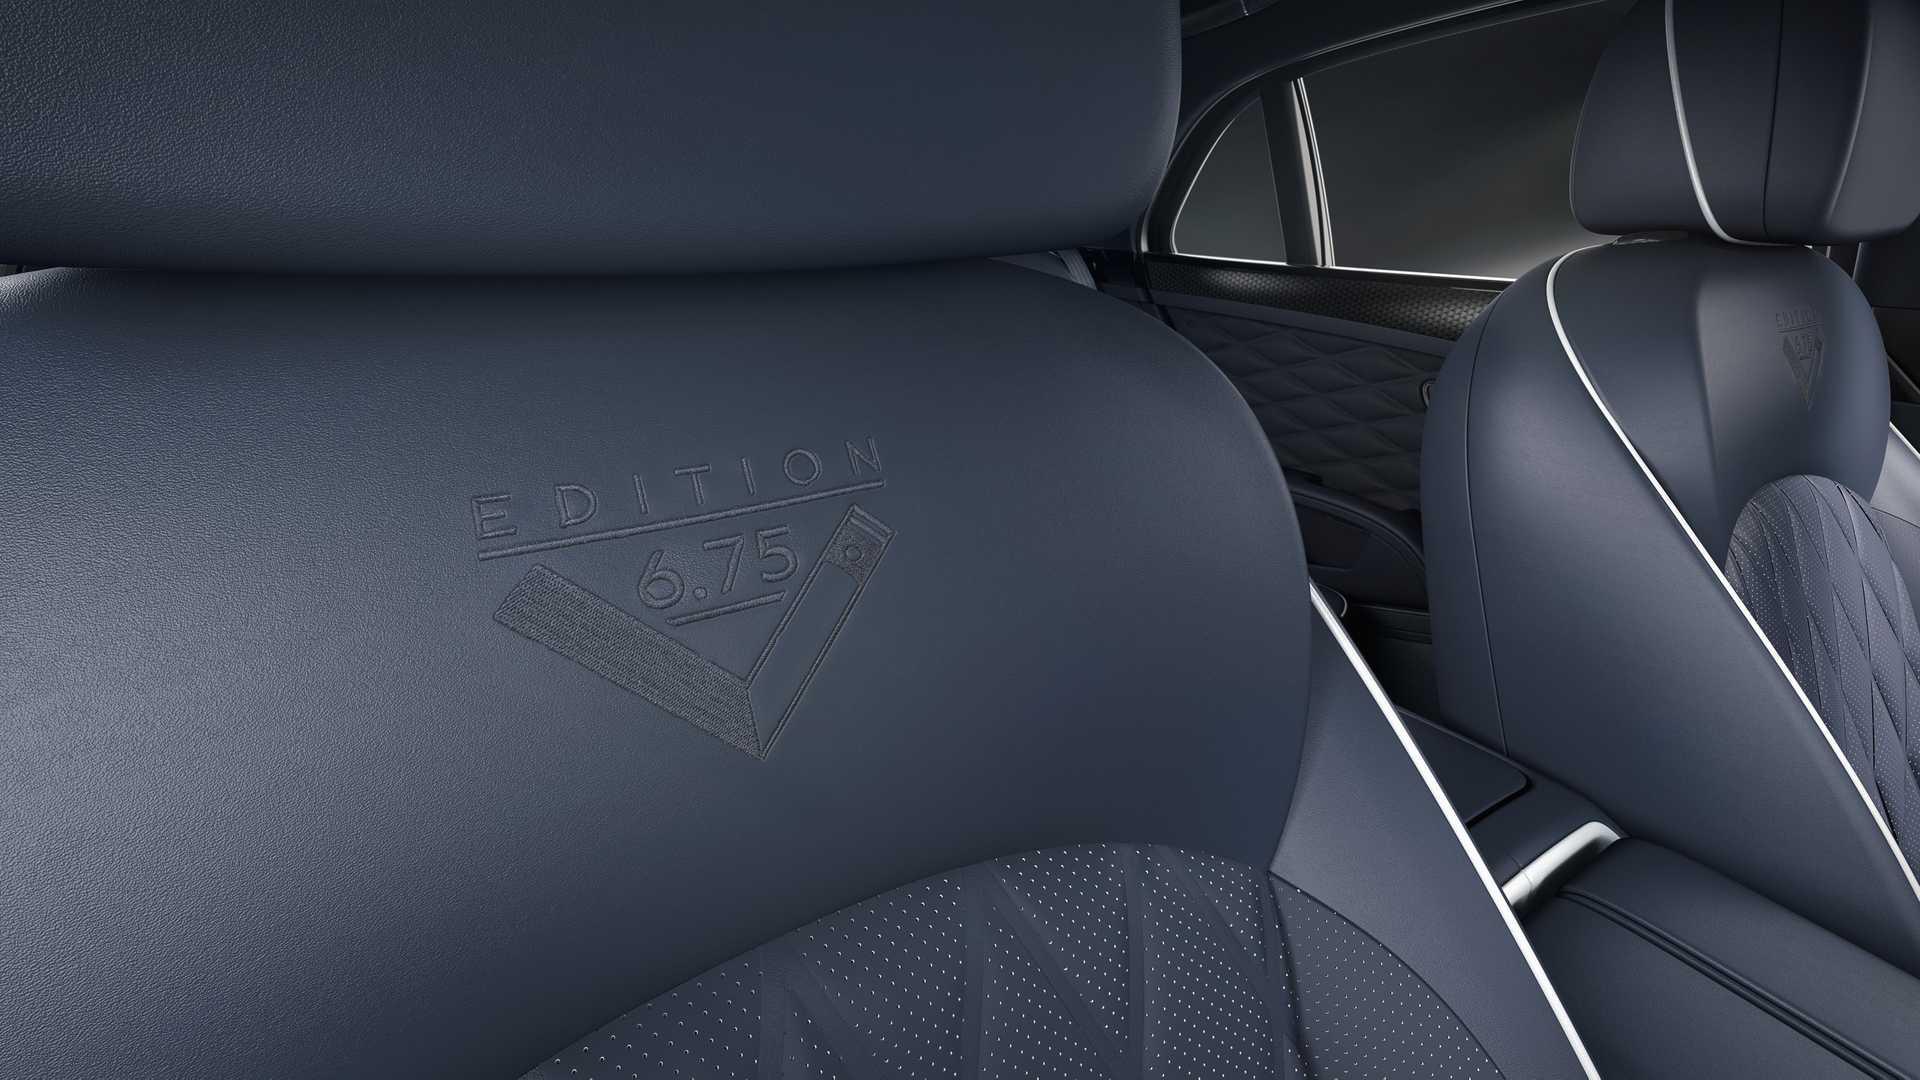 Bentley Mulsanne 6.75 Edition, mạnh 530 mã lực, phiên bản giới hạn 50 chiếc - 11